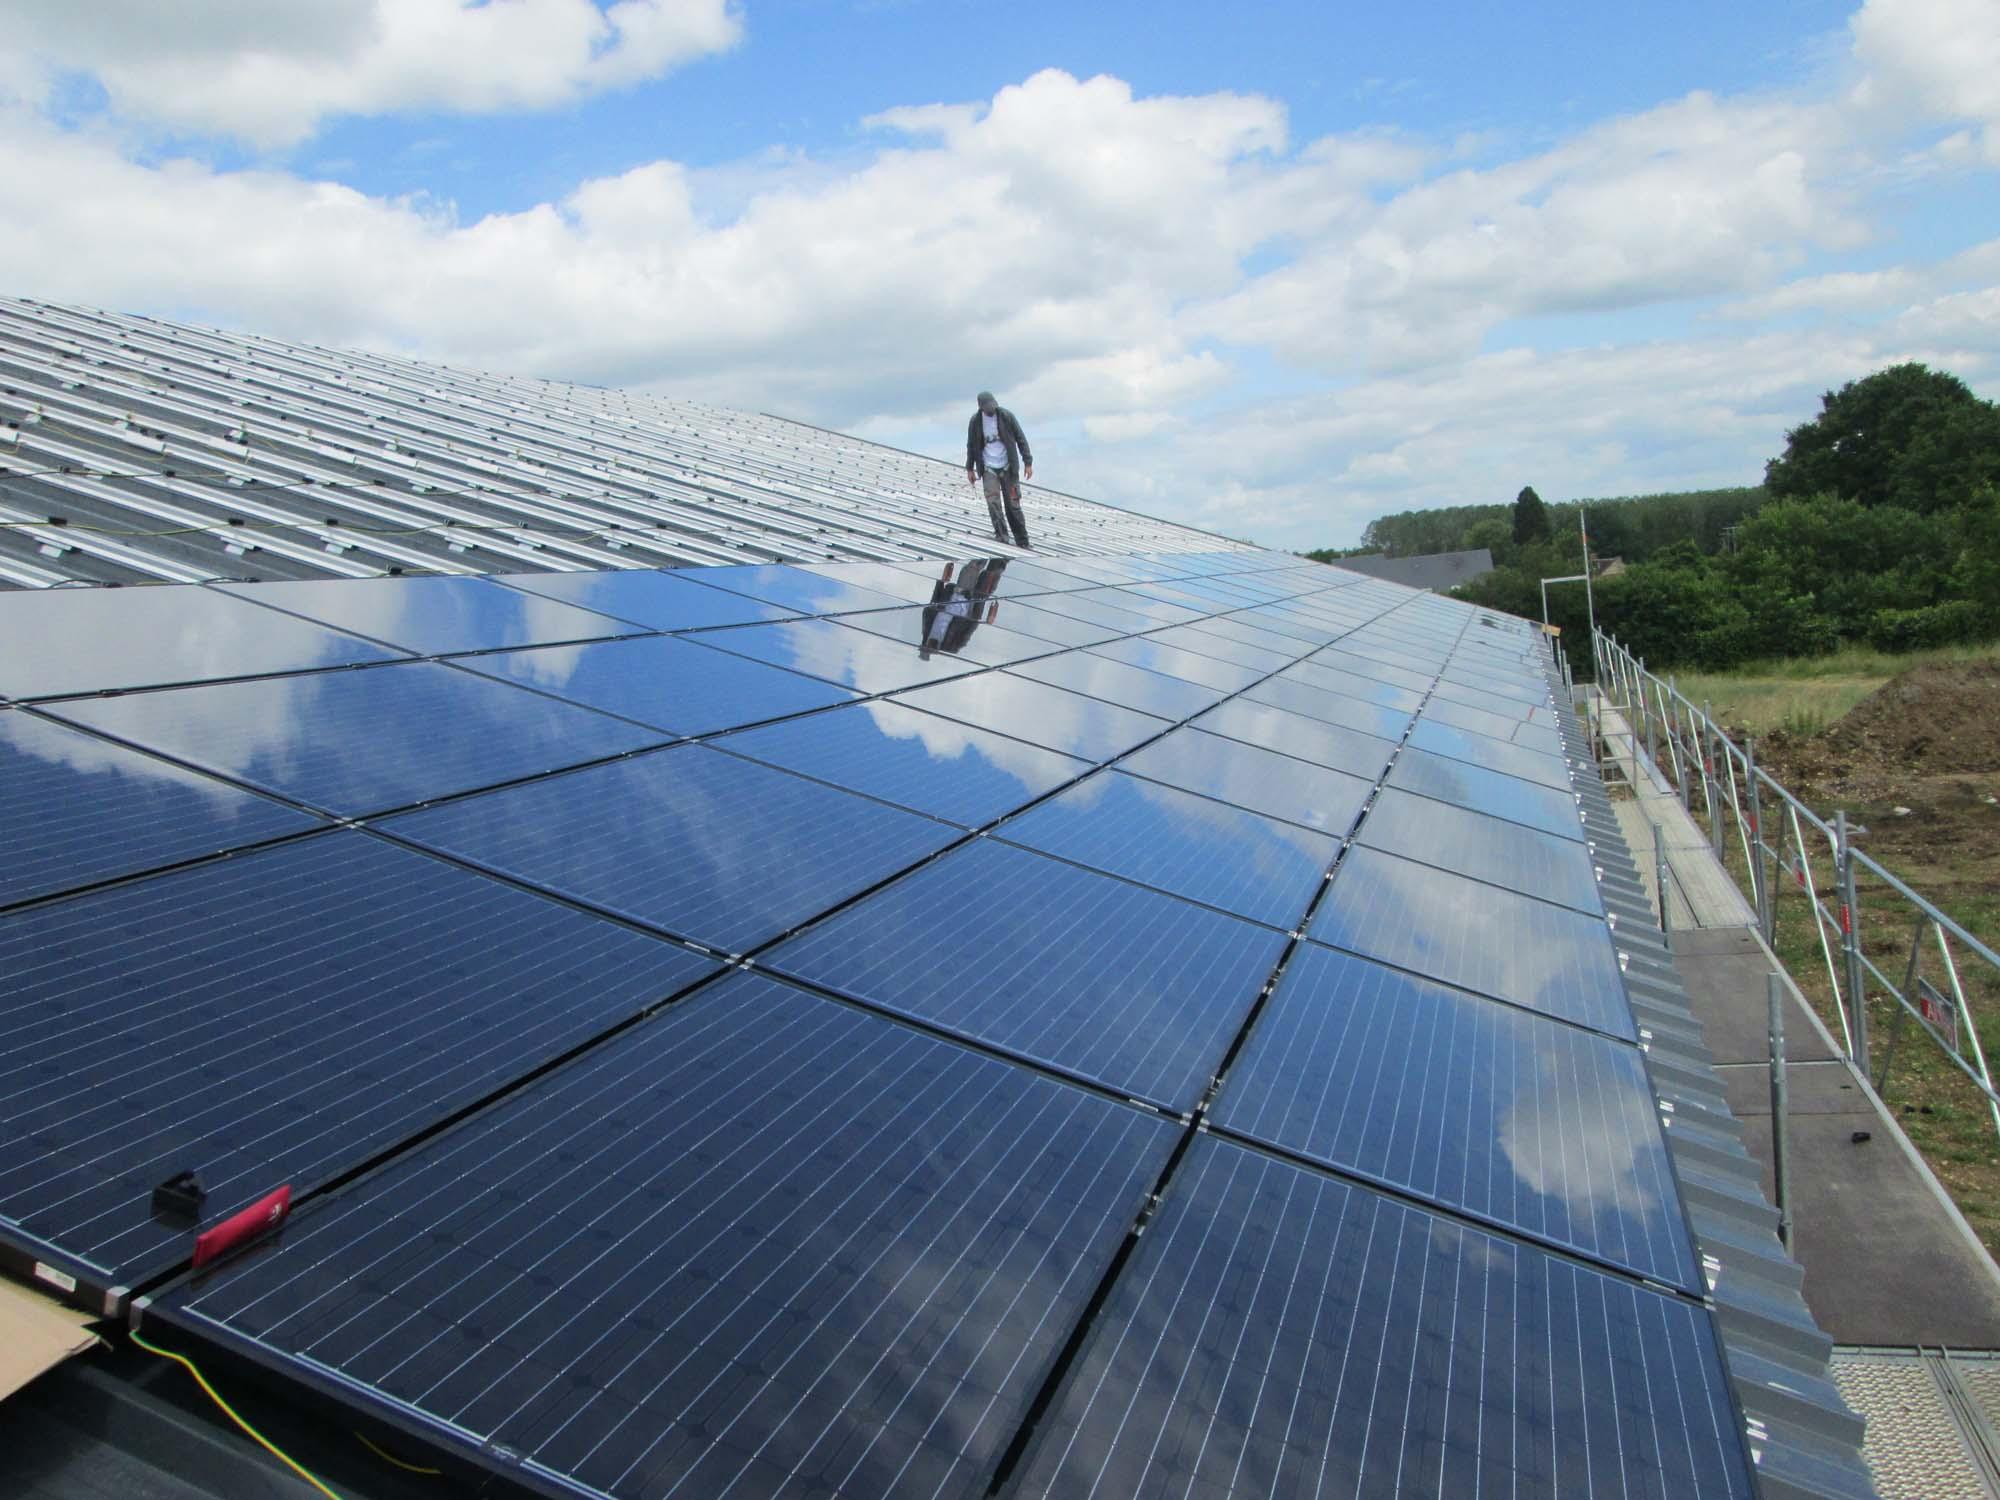 solesens exemples d 39 installation de panneaux solaire panneaux photovoltaiques dans l 39 orne la. Black Bedroom Furniture Sets. Home Design Ideas